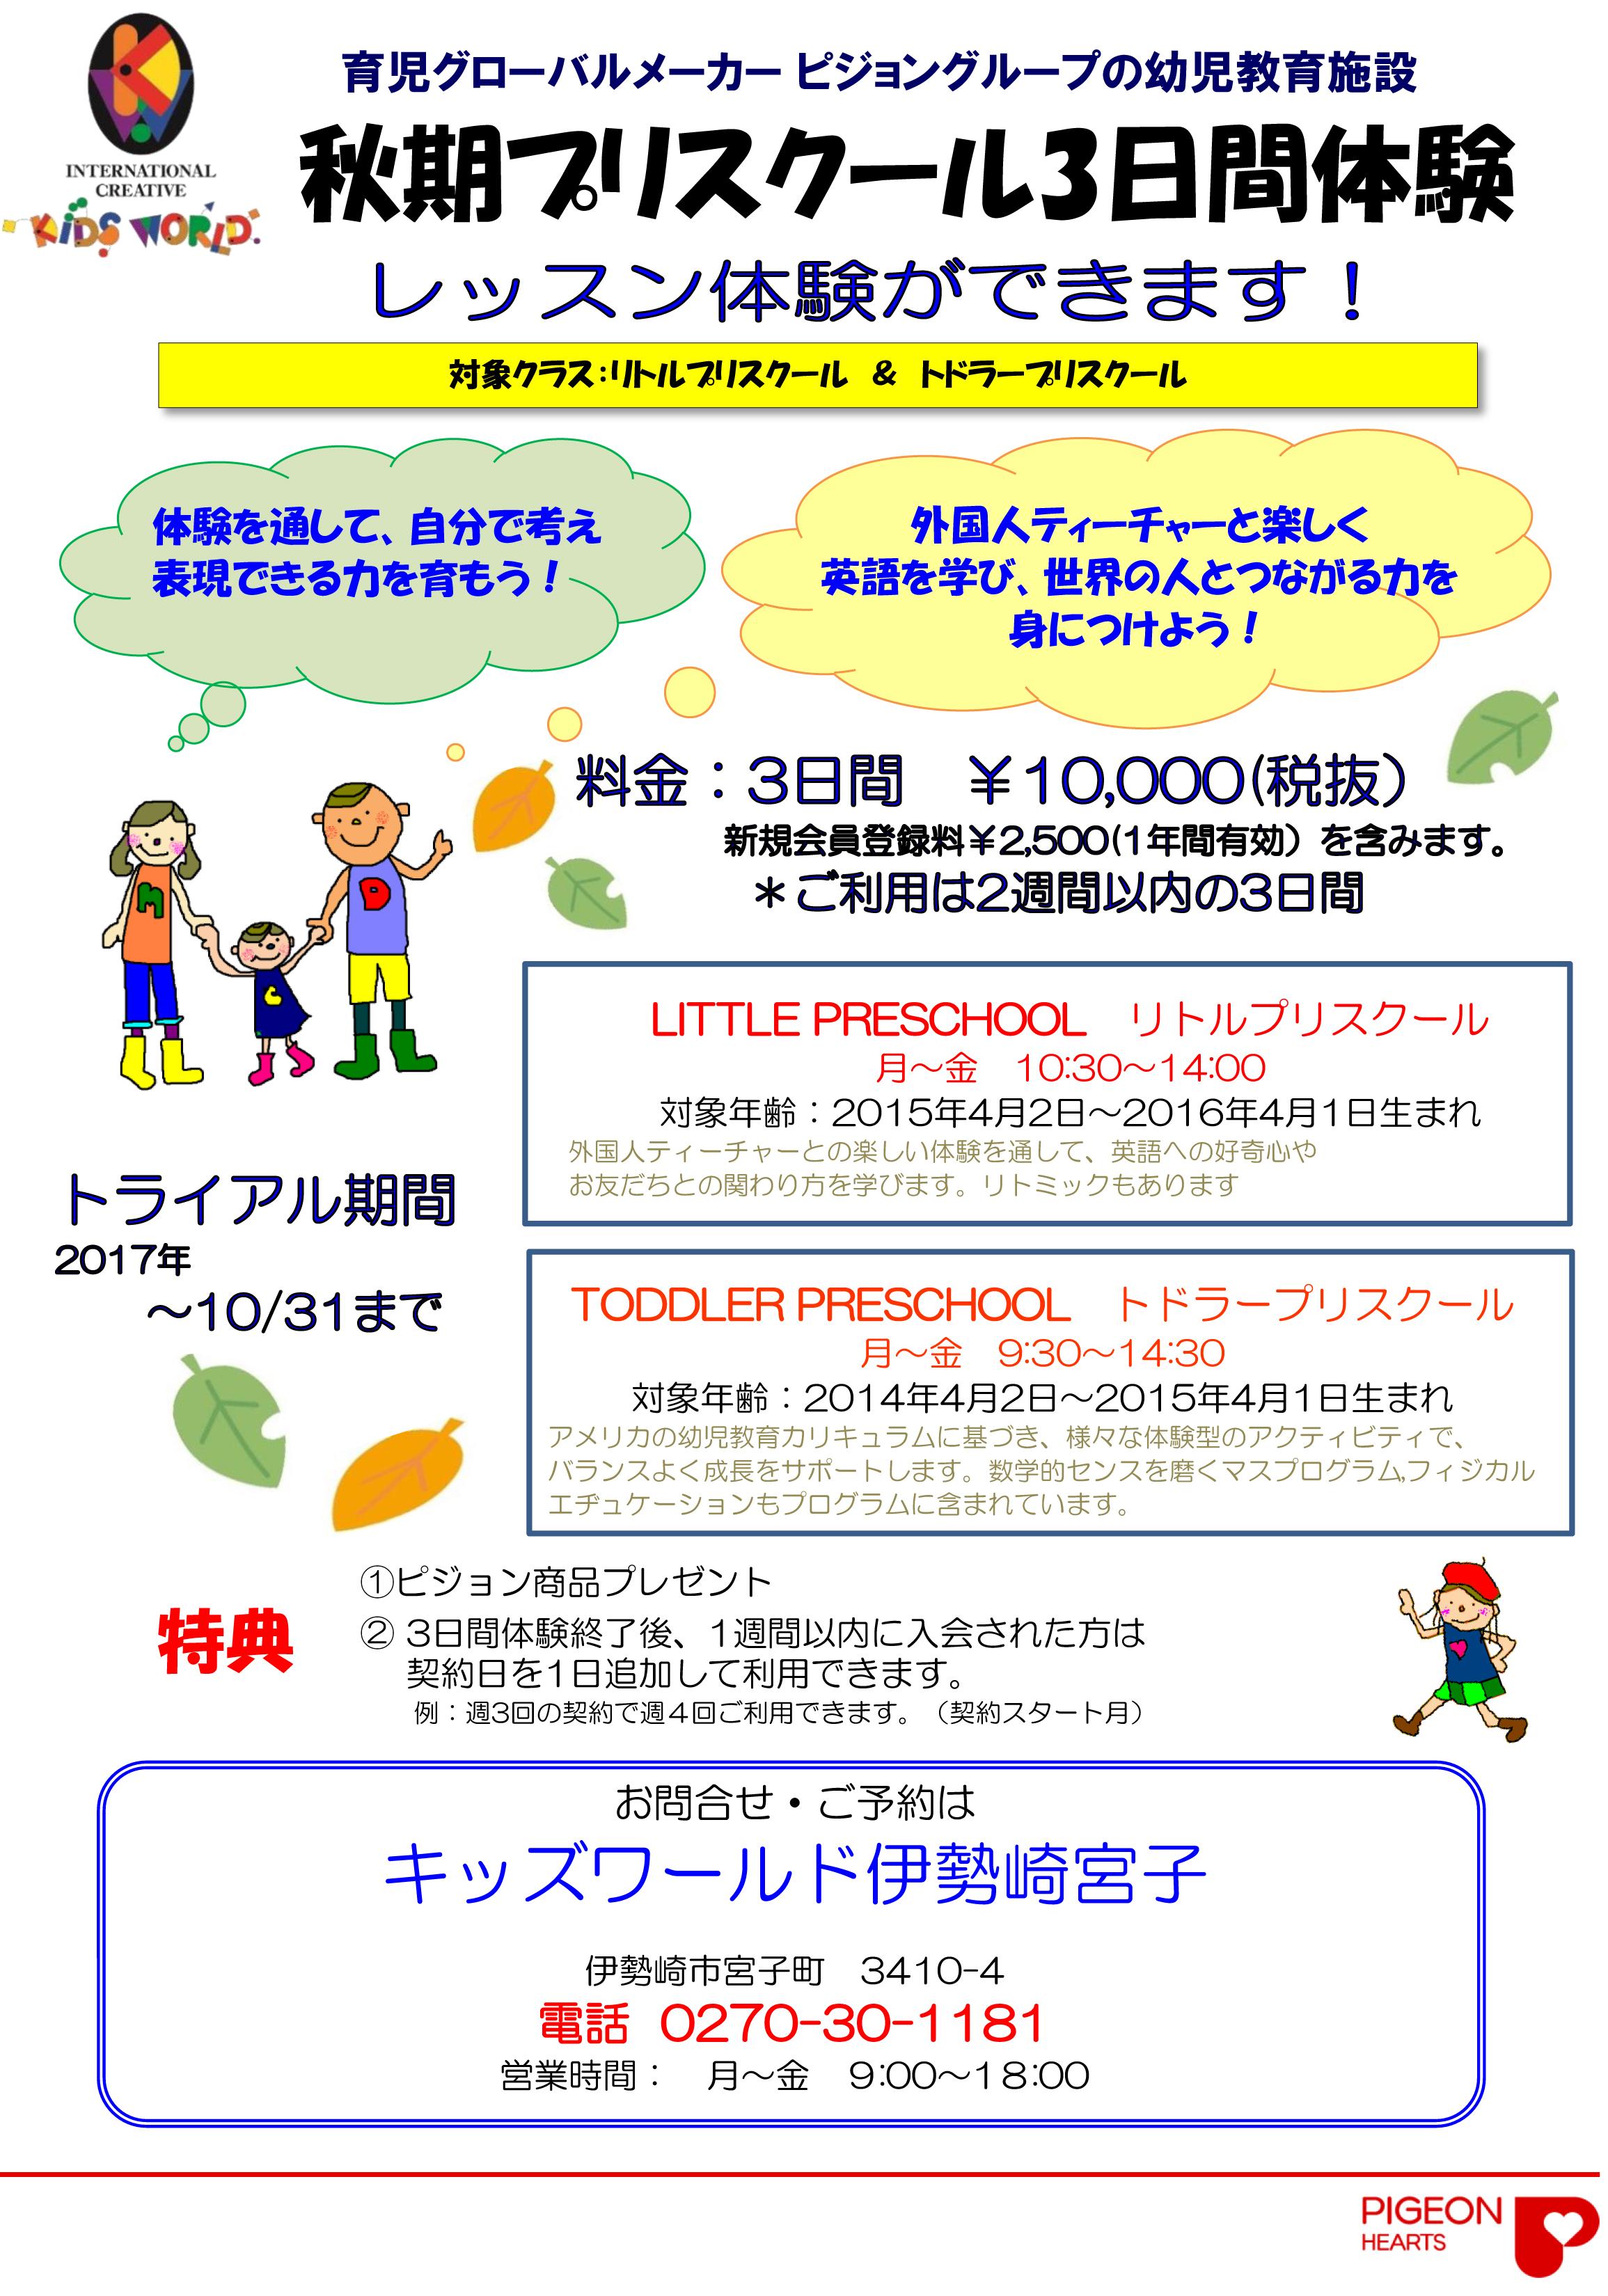 伊勢崎宮子-PRE-3日間体験秋WEB